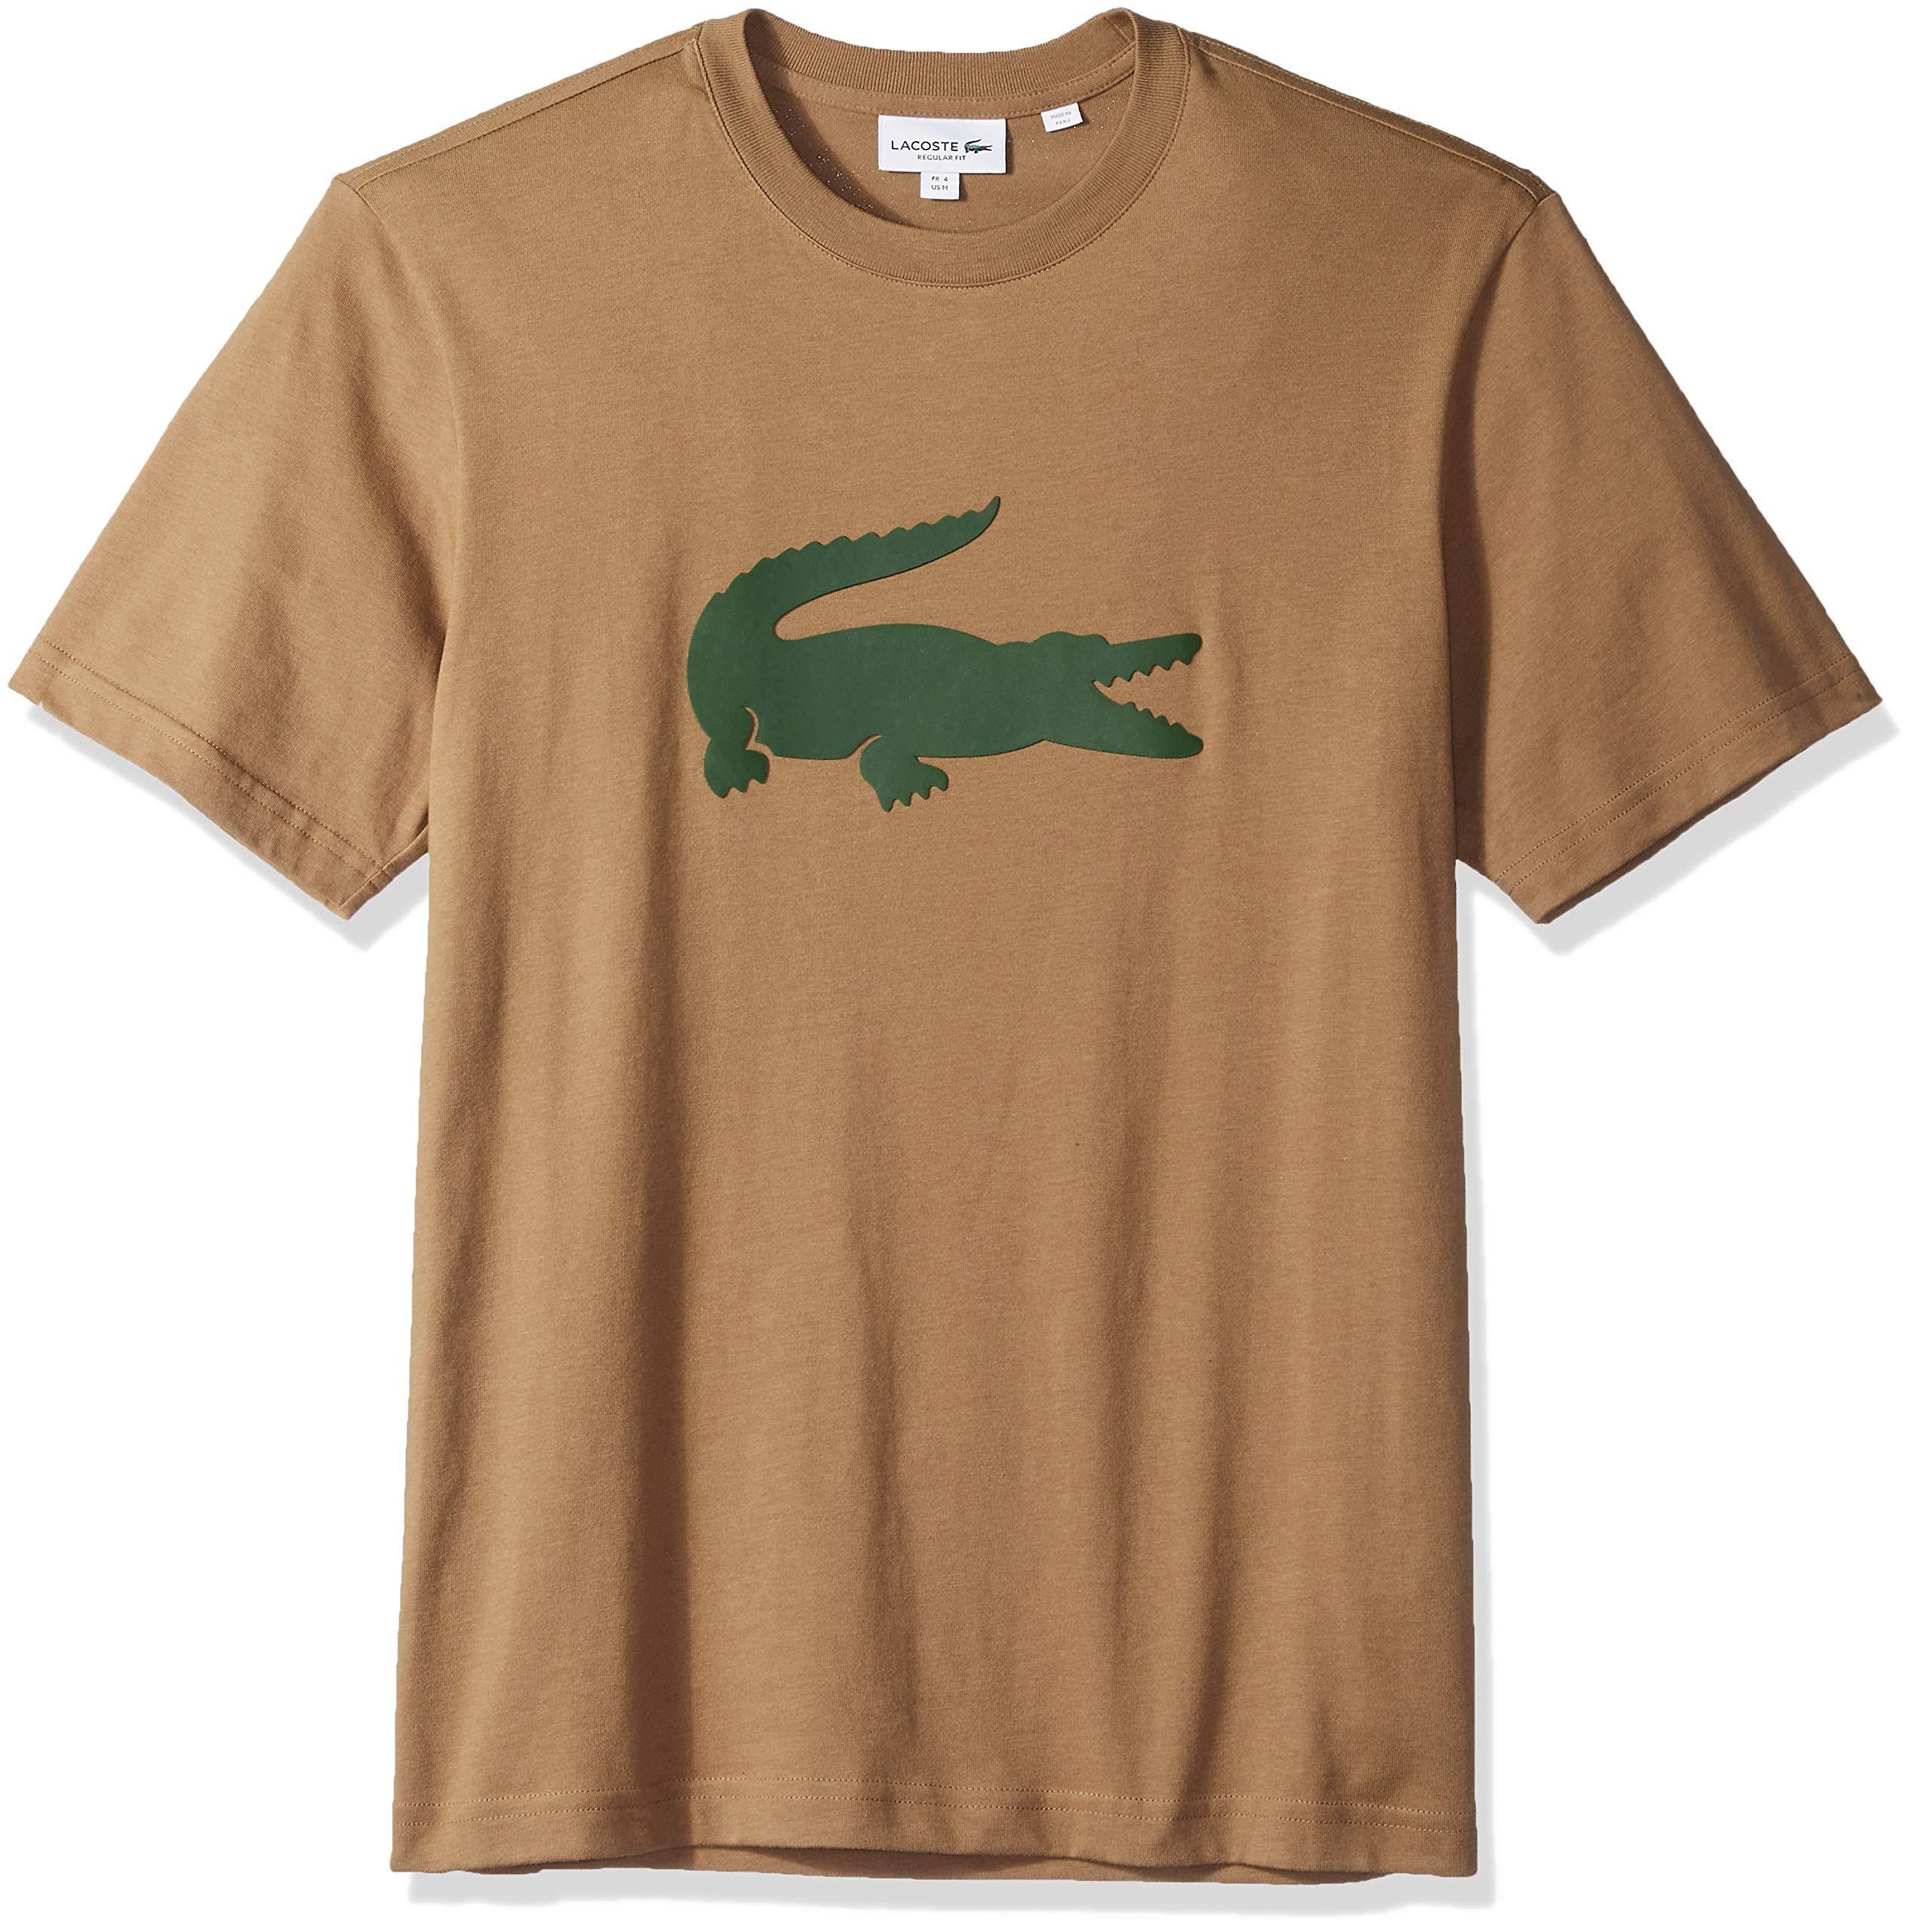 Algodón Extragrande Lacoste Redondo Jersey Para Marrón Hombre Verde Cuello De Camiseta Cocodrilo 7fx6nBqU7w